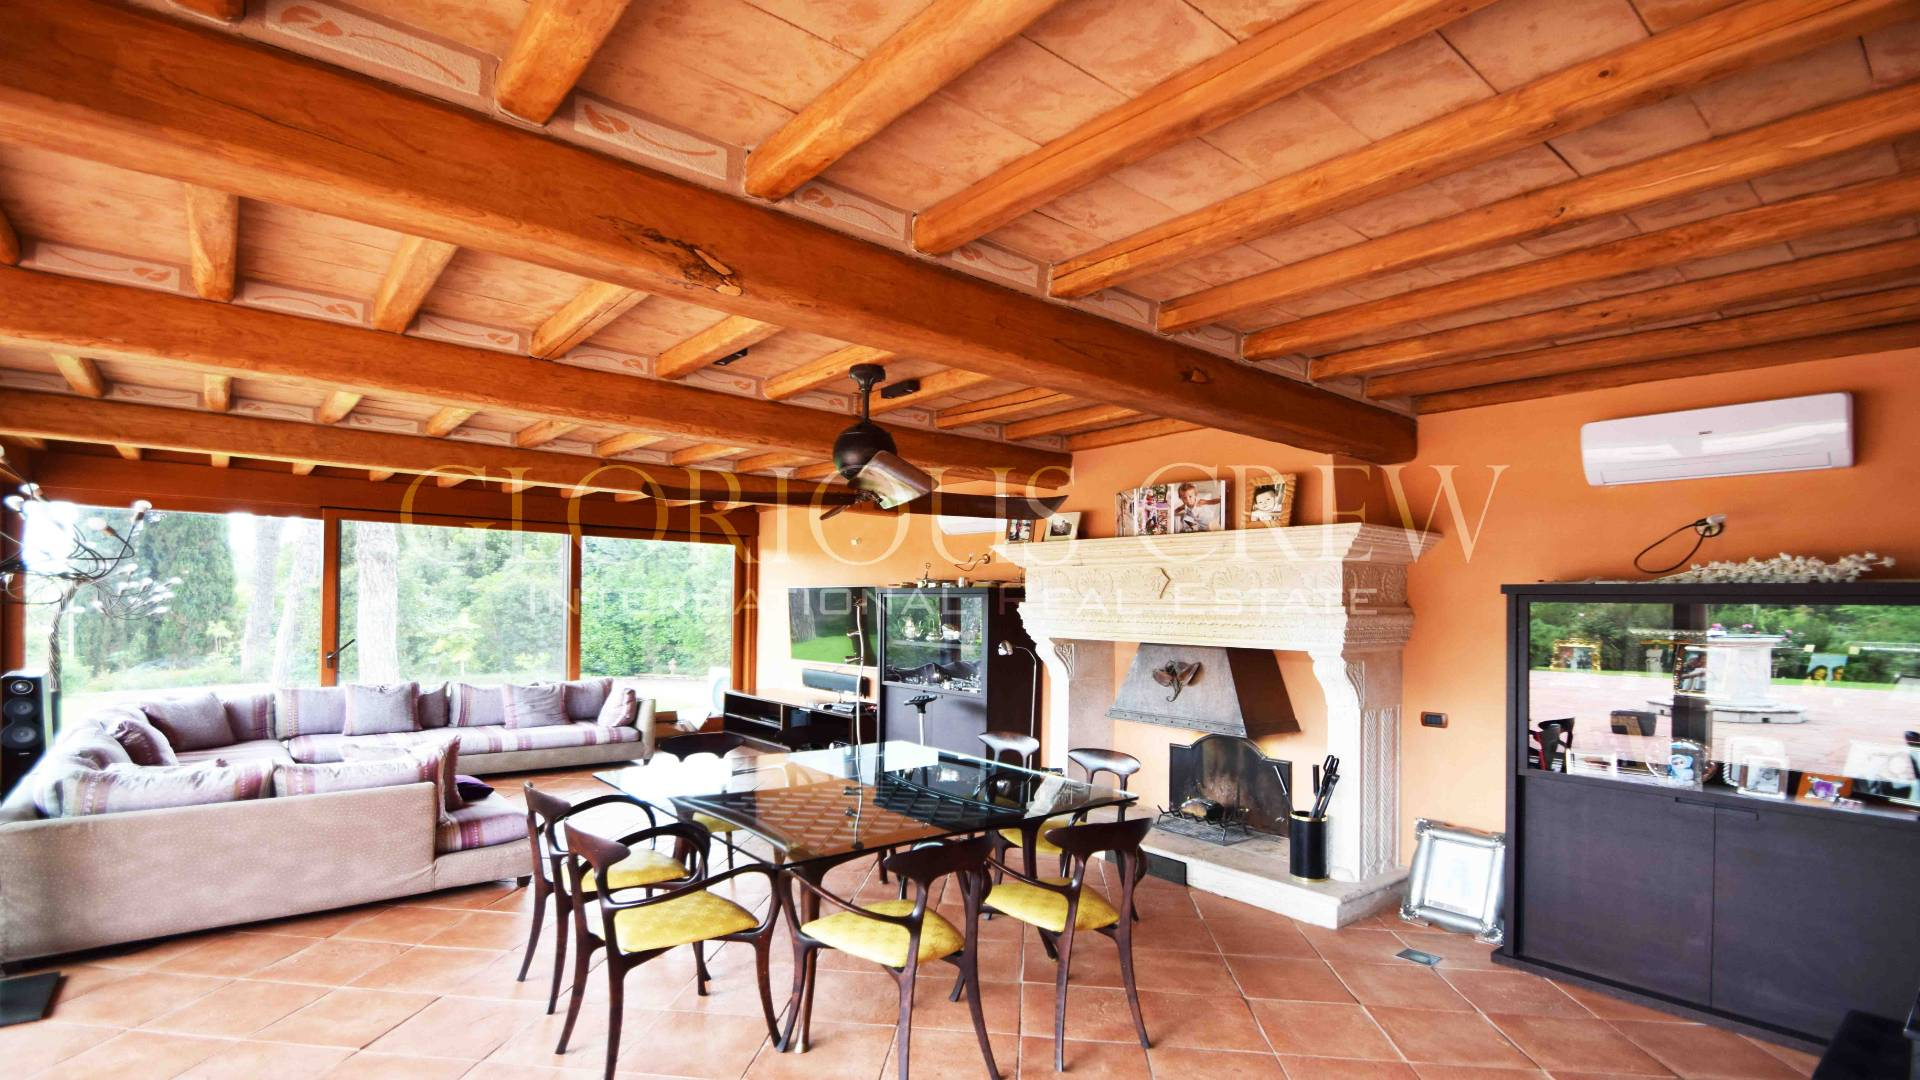 Villa in Vendita a Roma 36 Cassia / Olgiata: 5 locali, 1950 mq